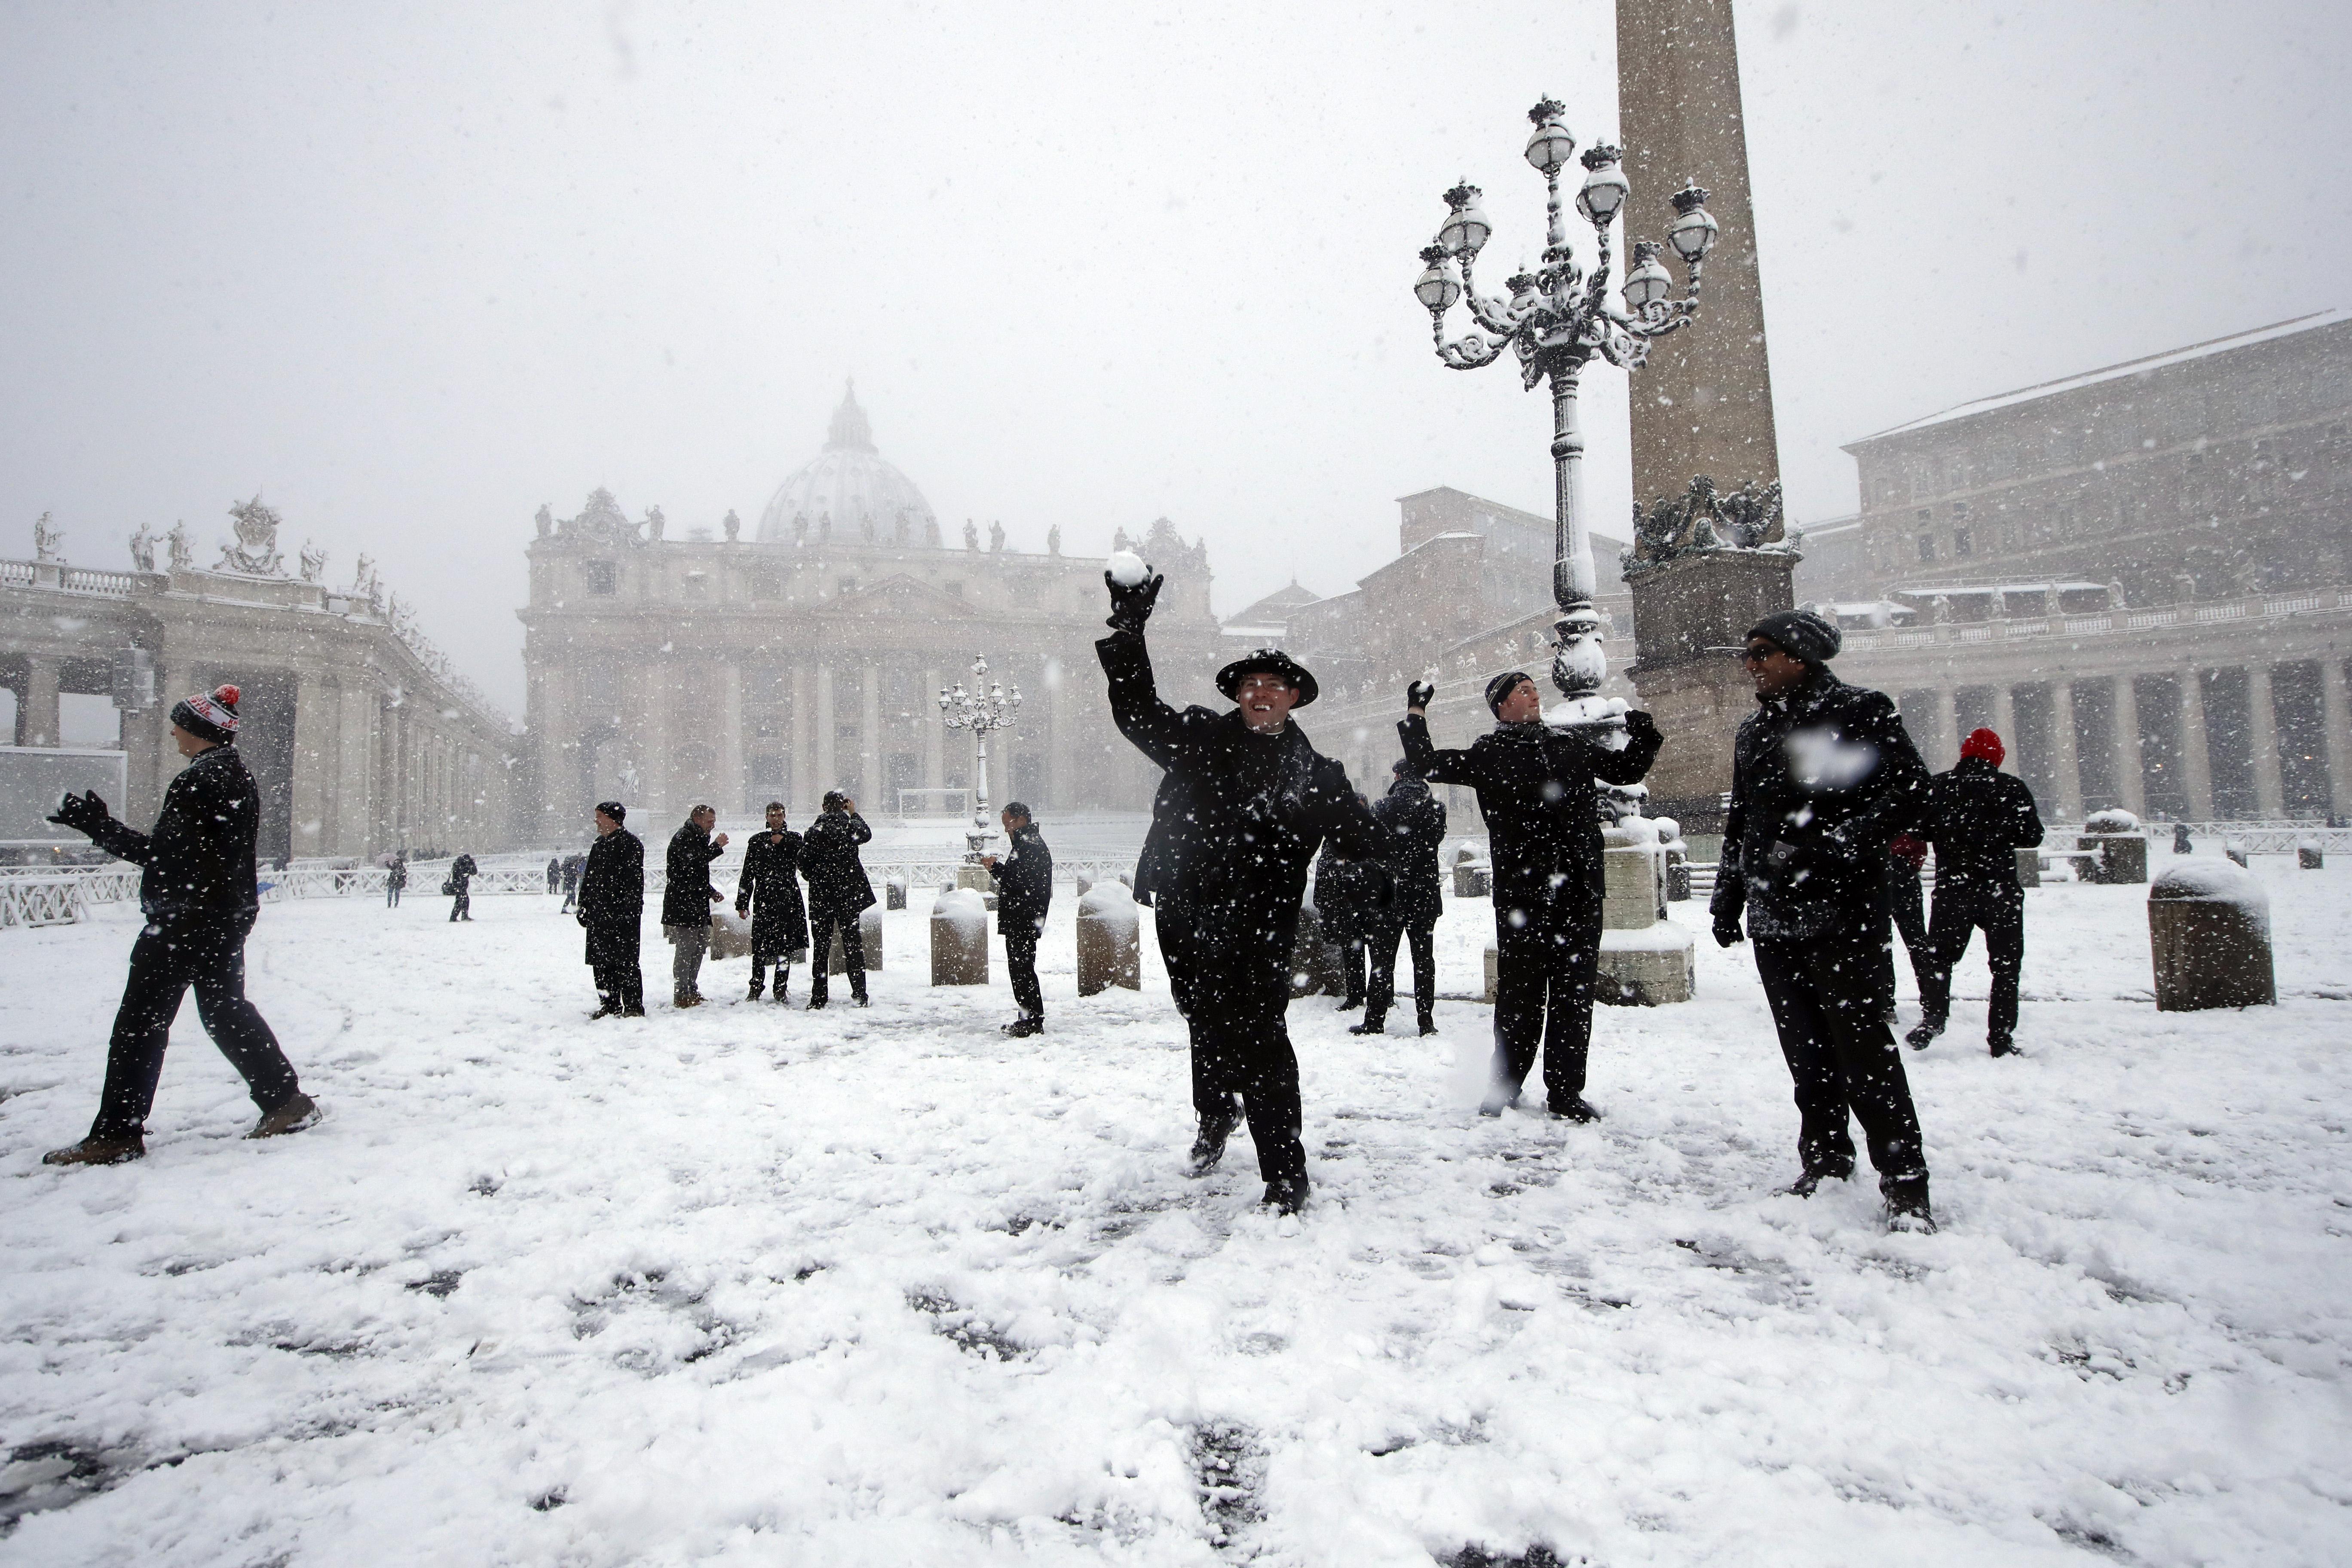 Guerra de bolas de nieve en la Plaza San Pedro.